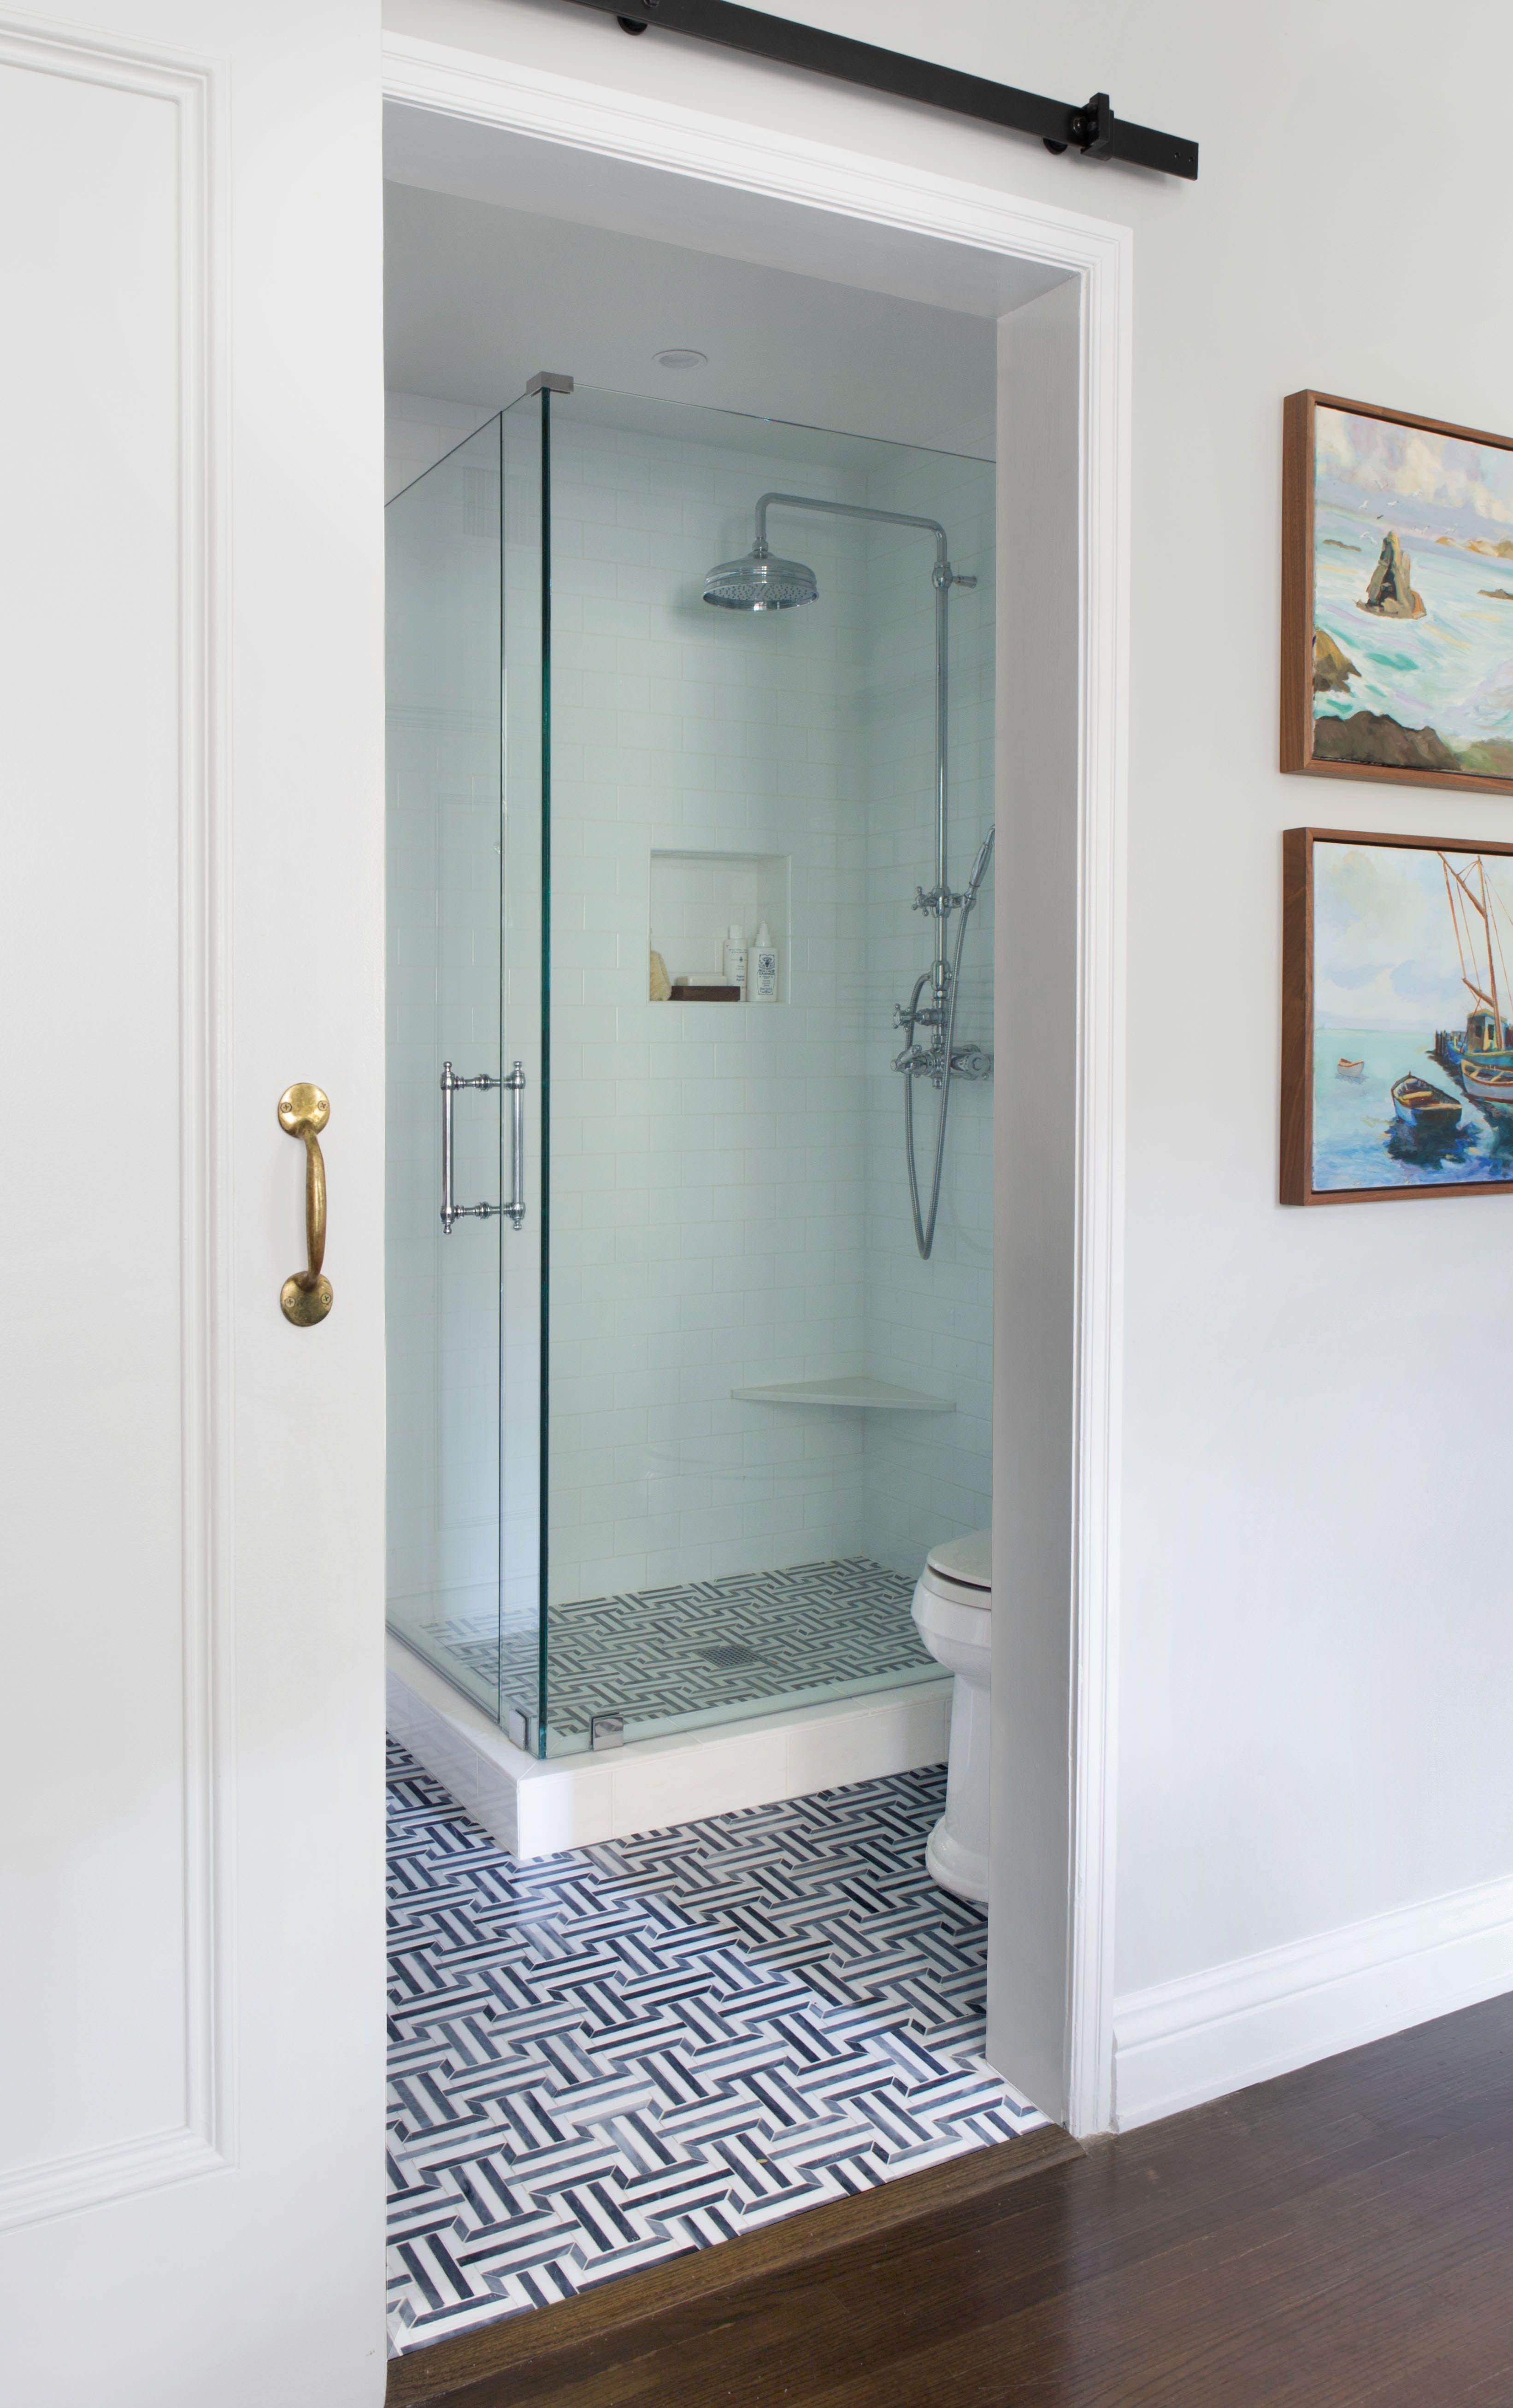 Lory Bathroom 2 Of 2 Quality8 | bathroom details | Pinterest | Bath ...